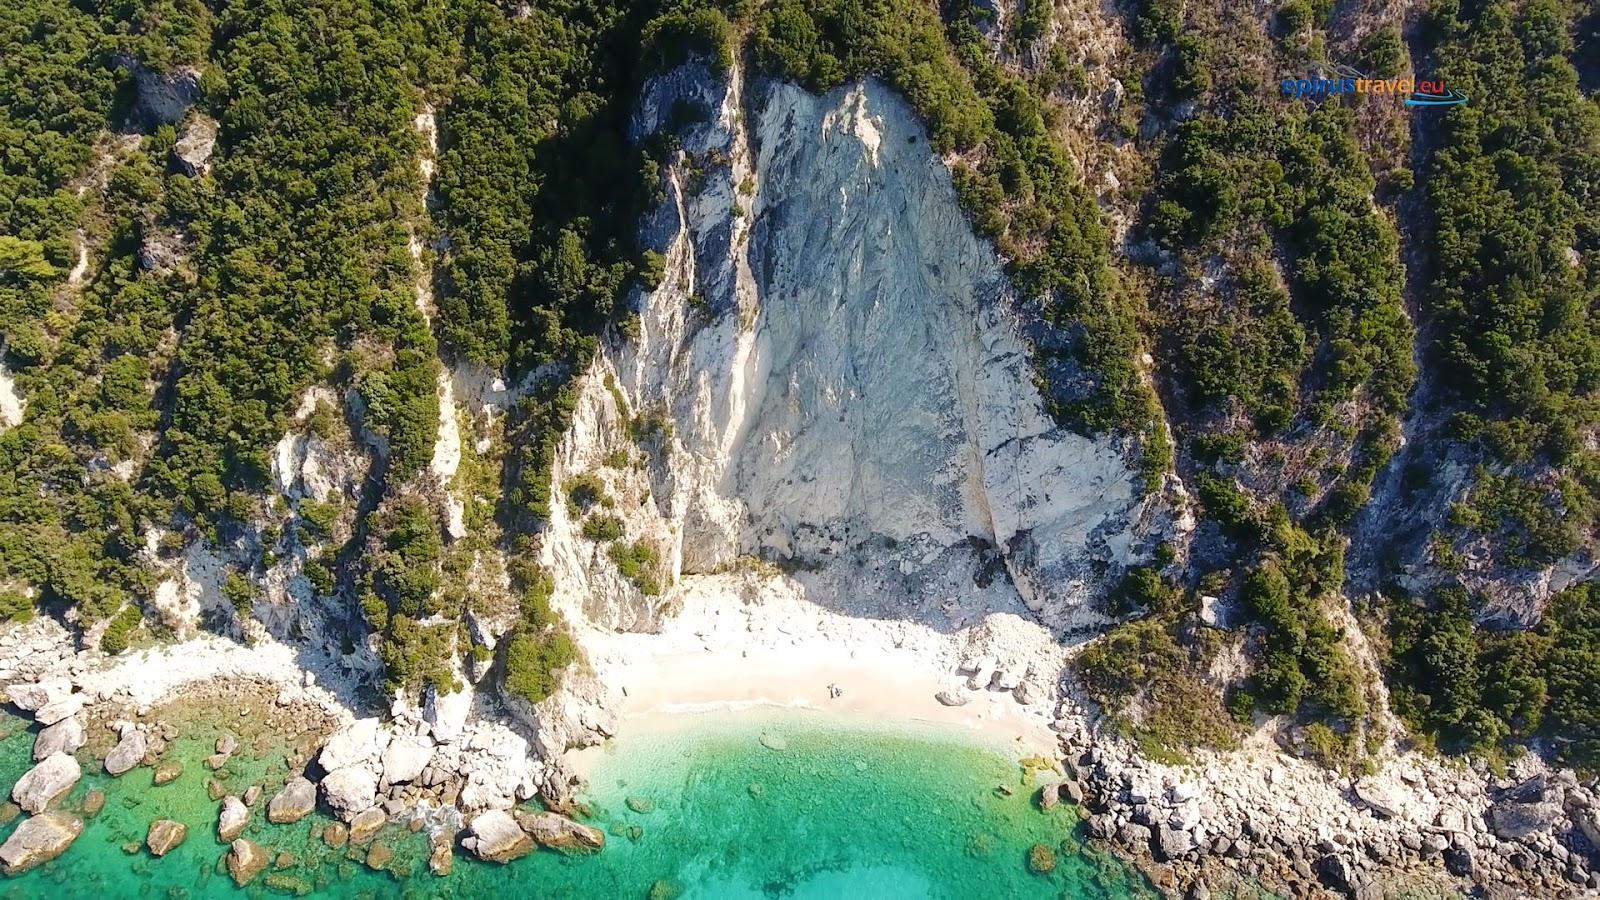 Πρέβεζα:Σαββατοκύριακο...για παραλίες !65 χλμ ..για  βουτιές σε κρυστάλλινα νερά! Ανακαλύψτε τες [βίντεο]